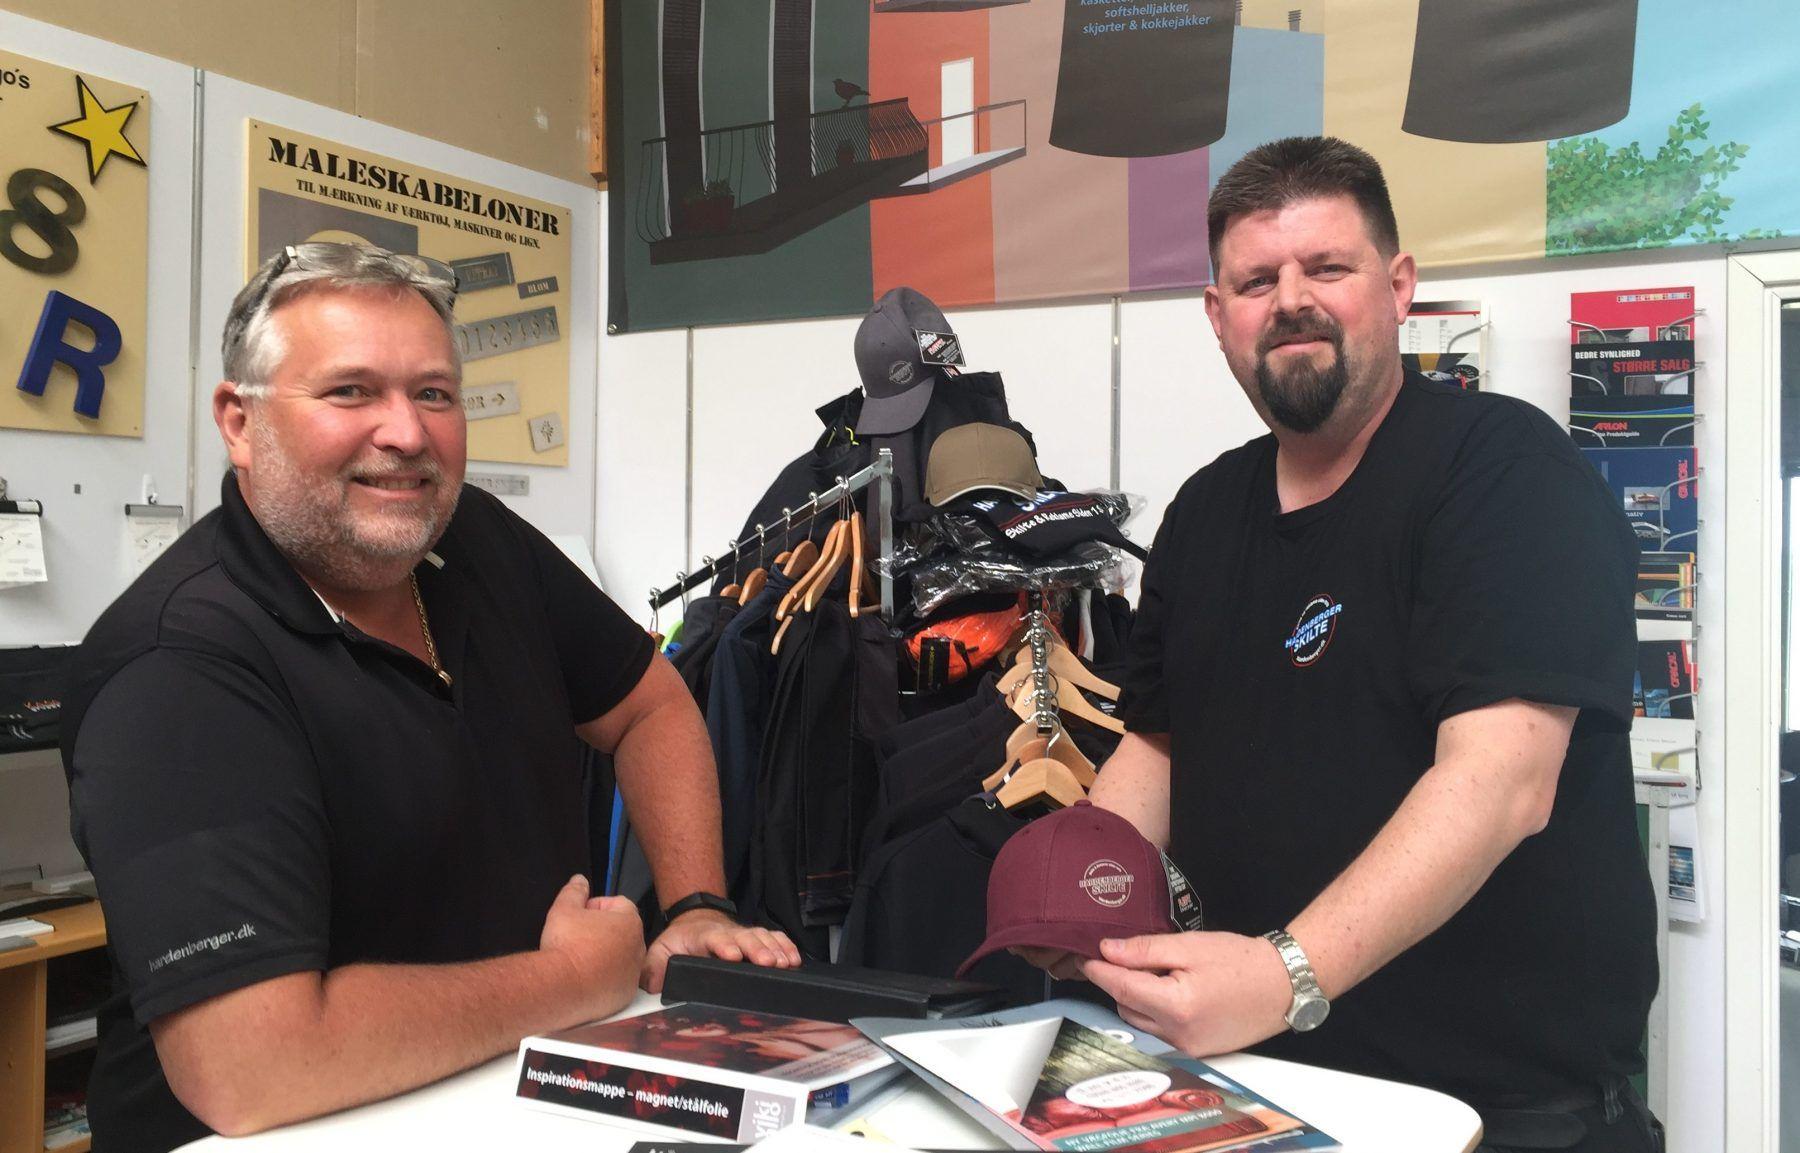 På besøg hos Hardenberger Skilte i Ølstykke